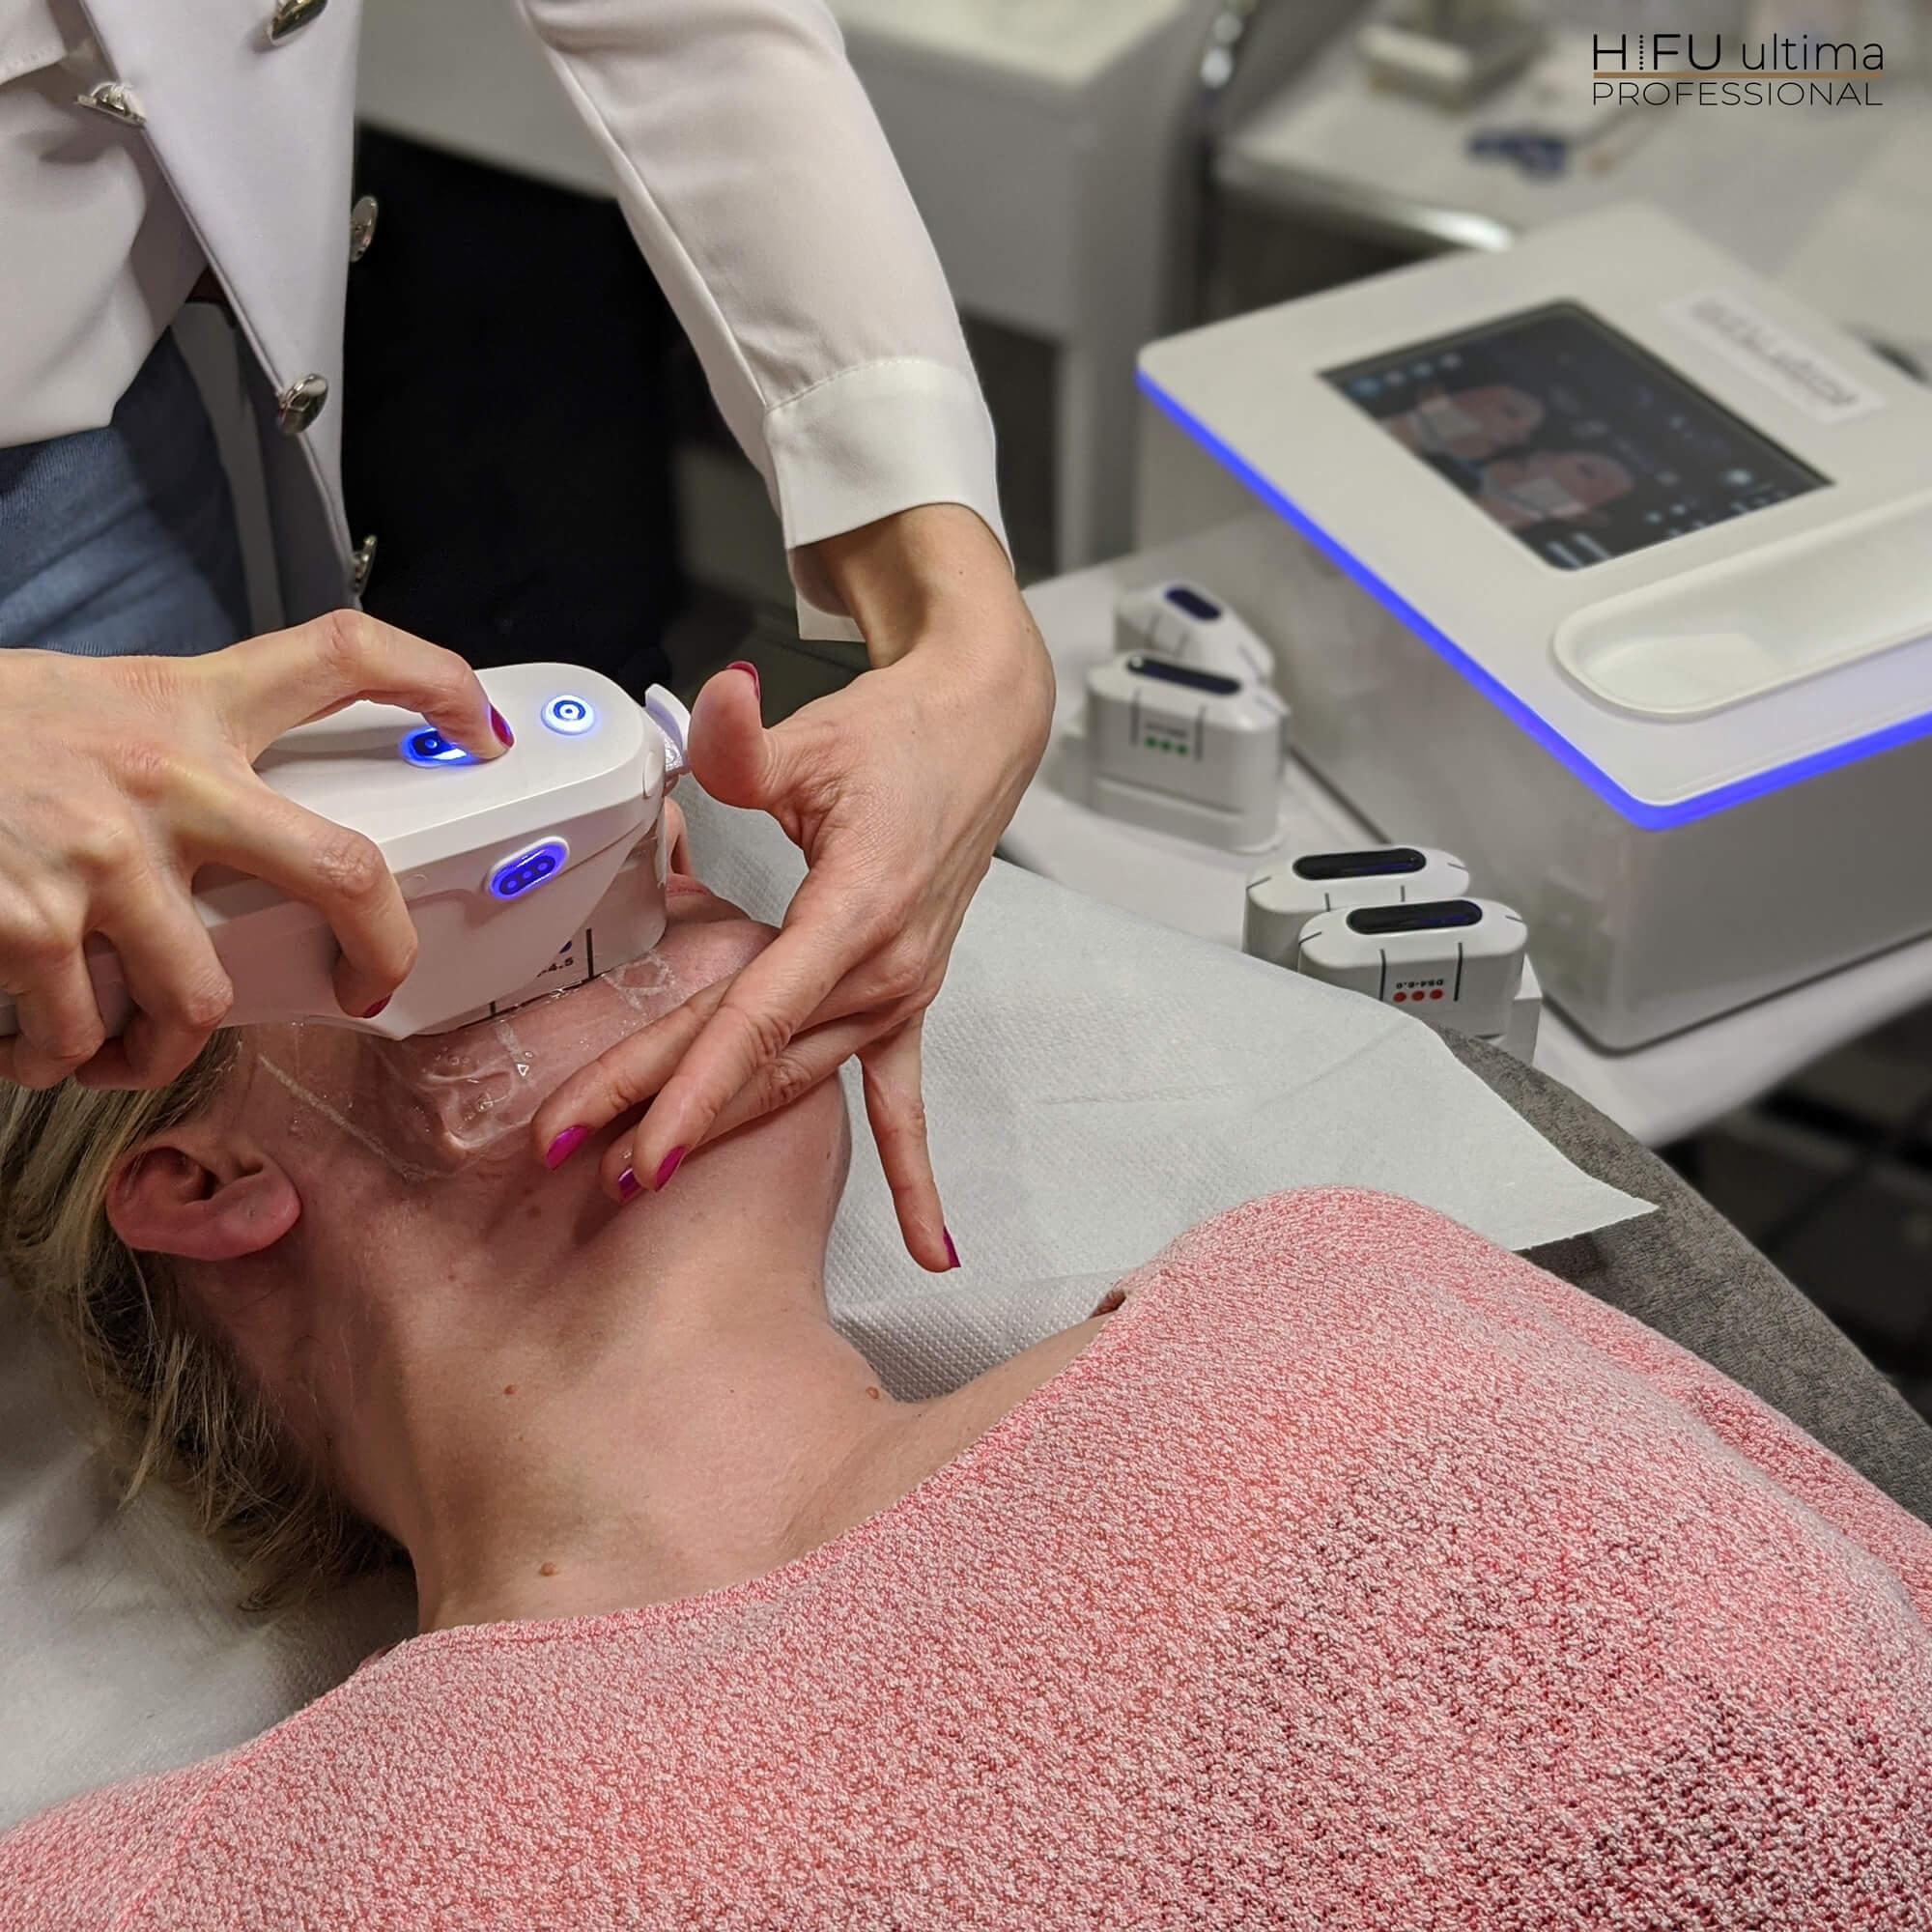 Kurs kosmetologiczny w Sokołach w Podlaskim - lifting twarzy ultradźwiękami